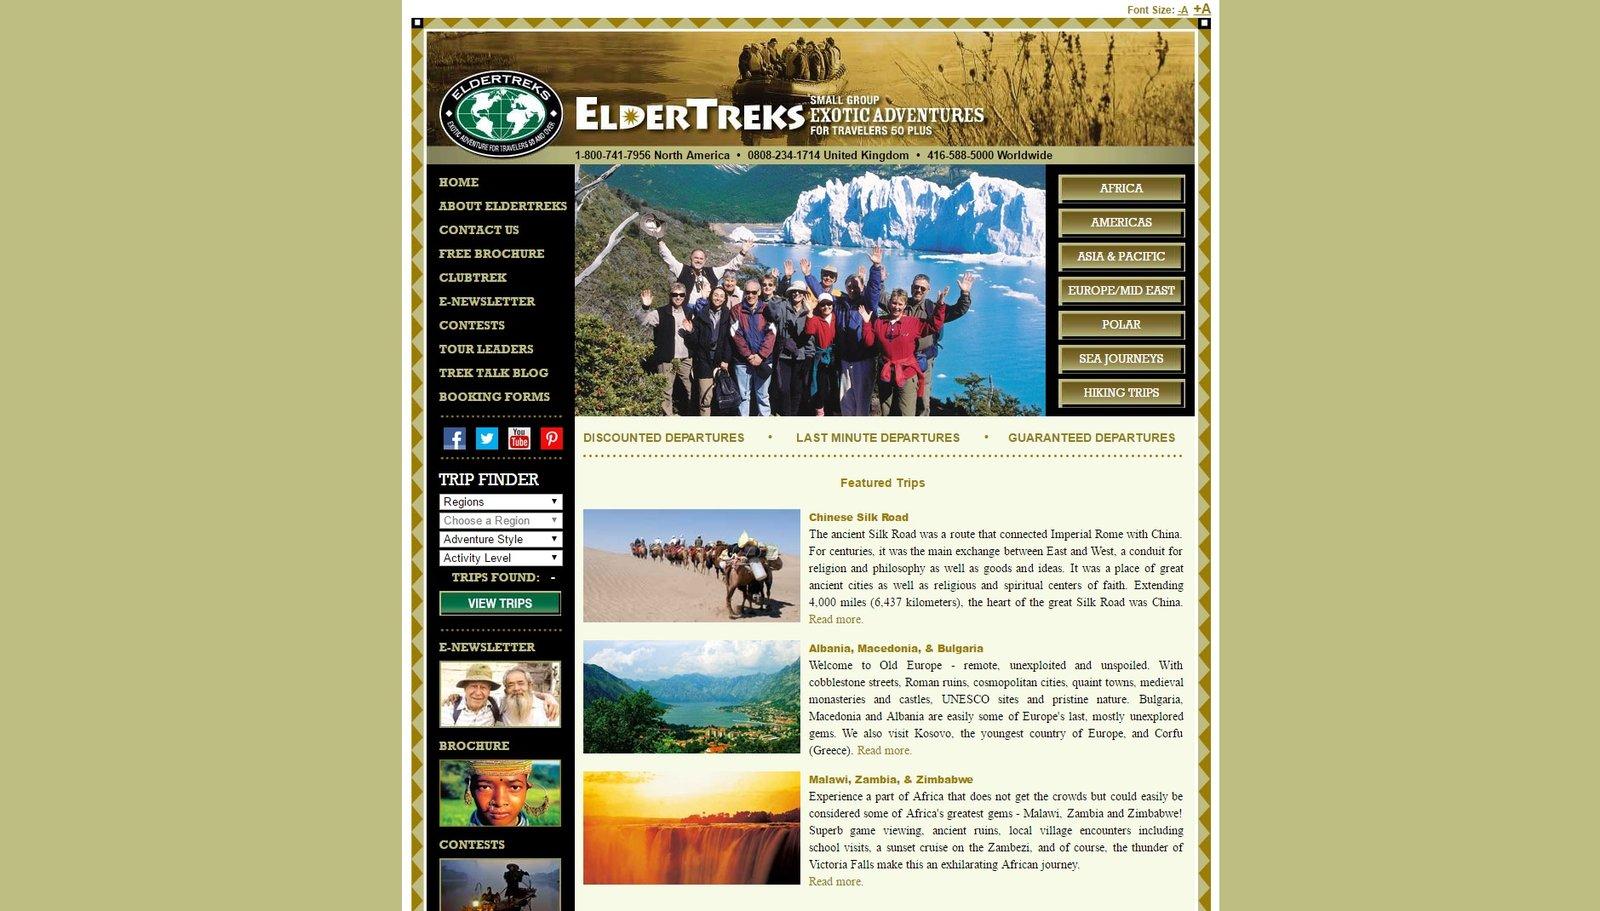 web design of ElderTreks